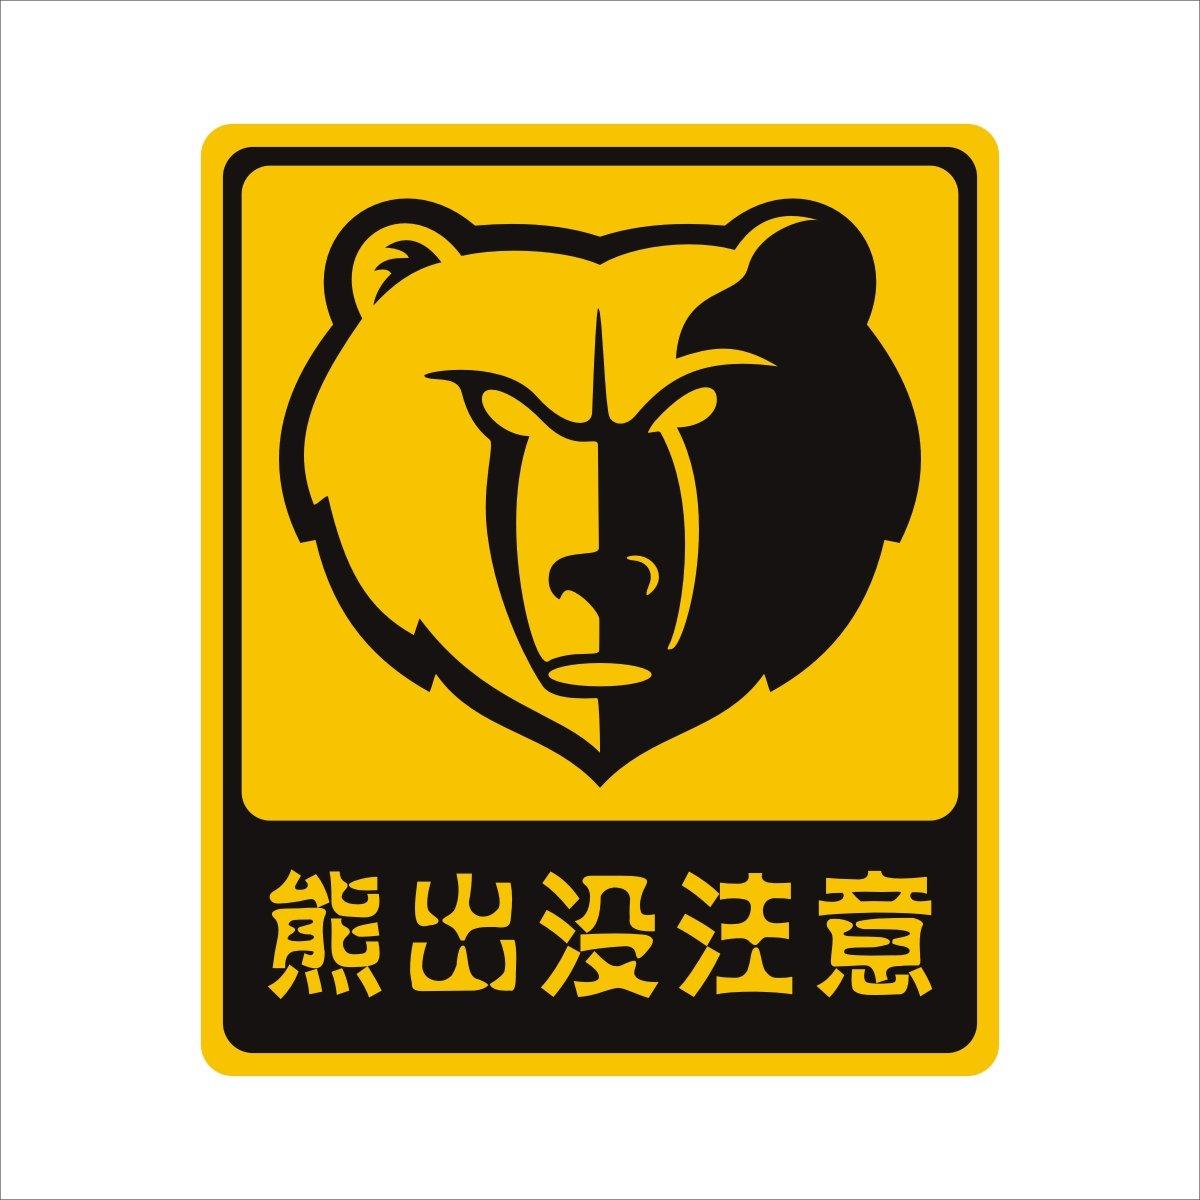 注意有熊出没_熊出没注意